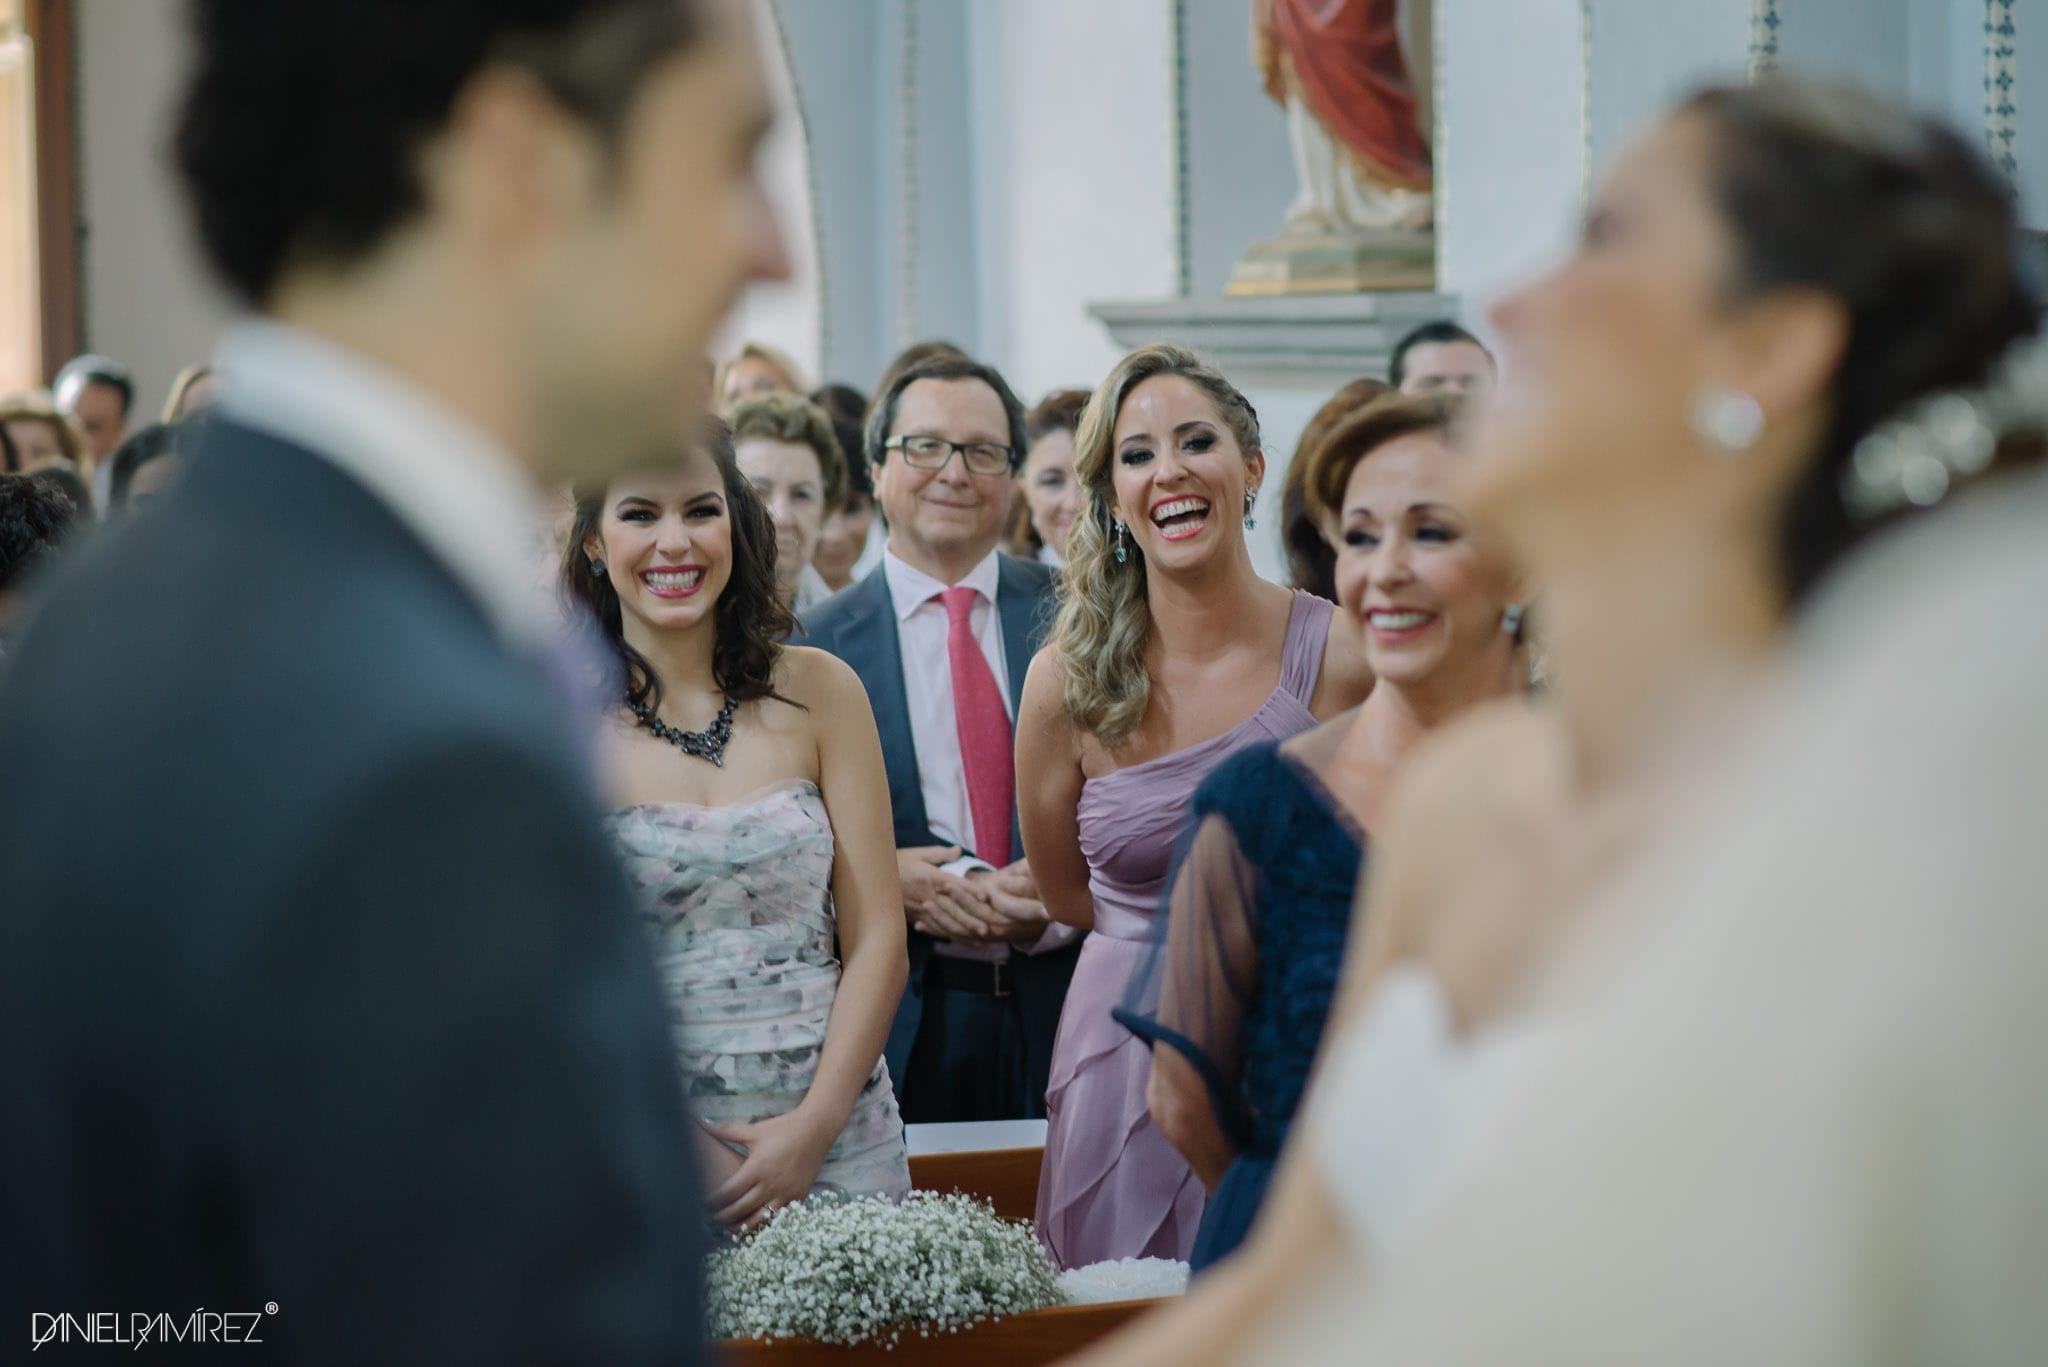 bodas-cdmx-fotografos-47